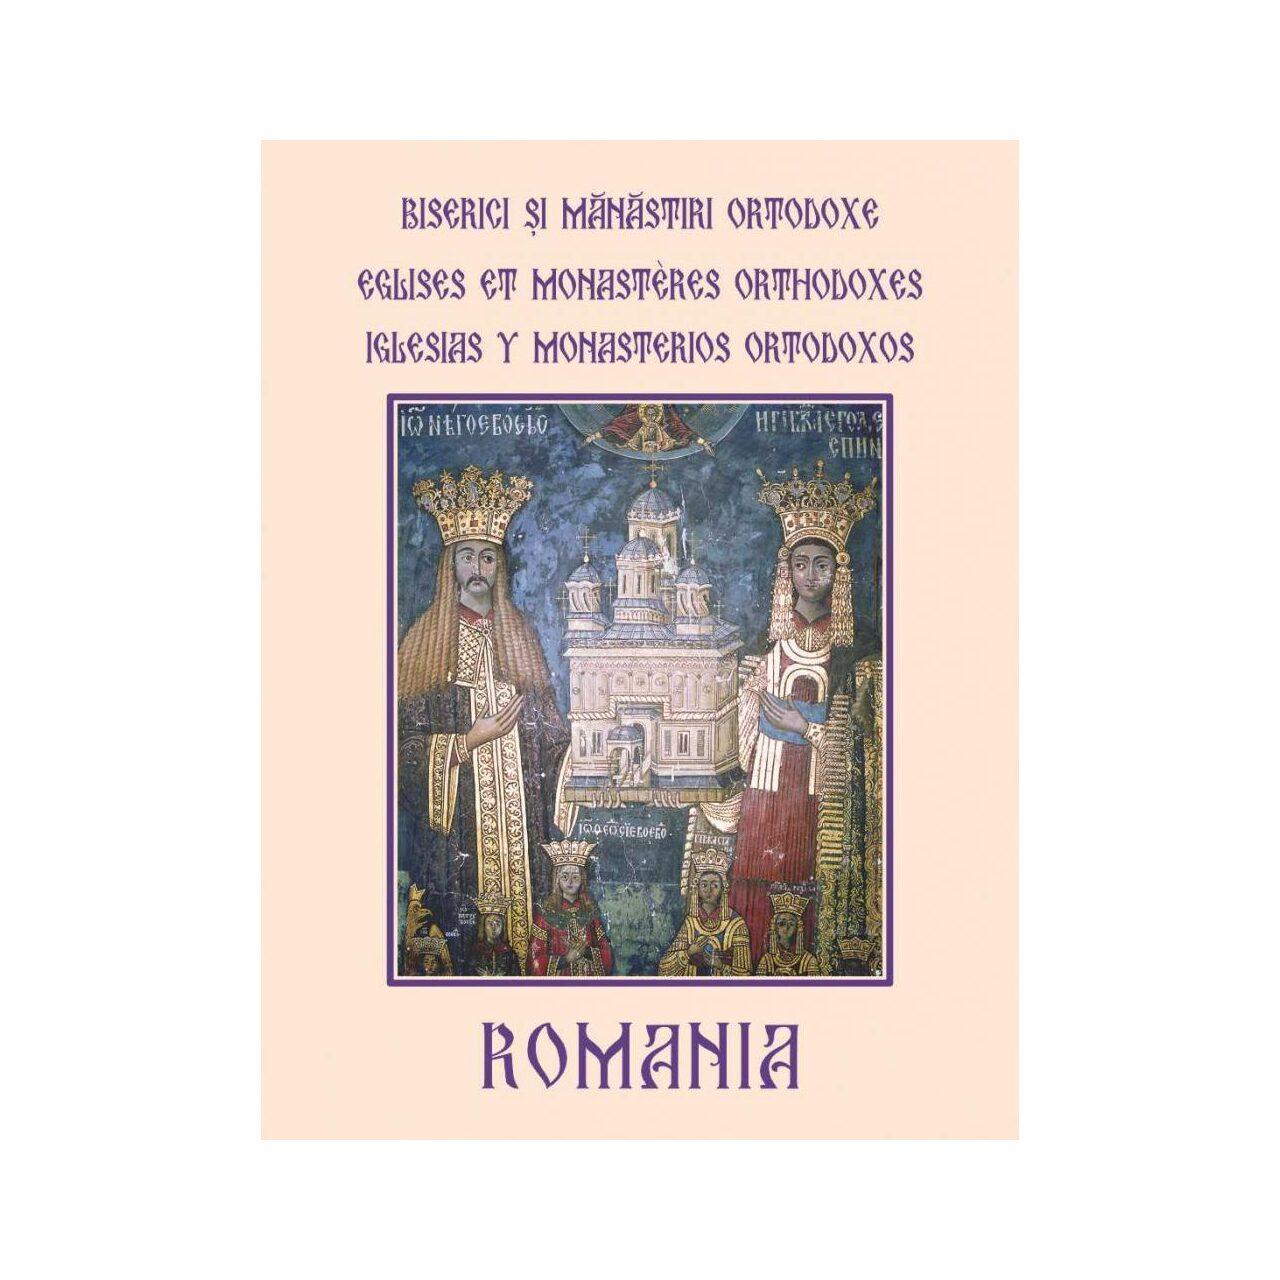 Biserici şi Mănăstiri Ortodoxe din România - Eglises et monasteres orthodoxes imagine edituracasa.ro